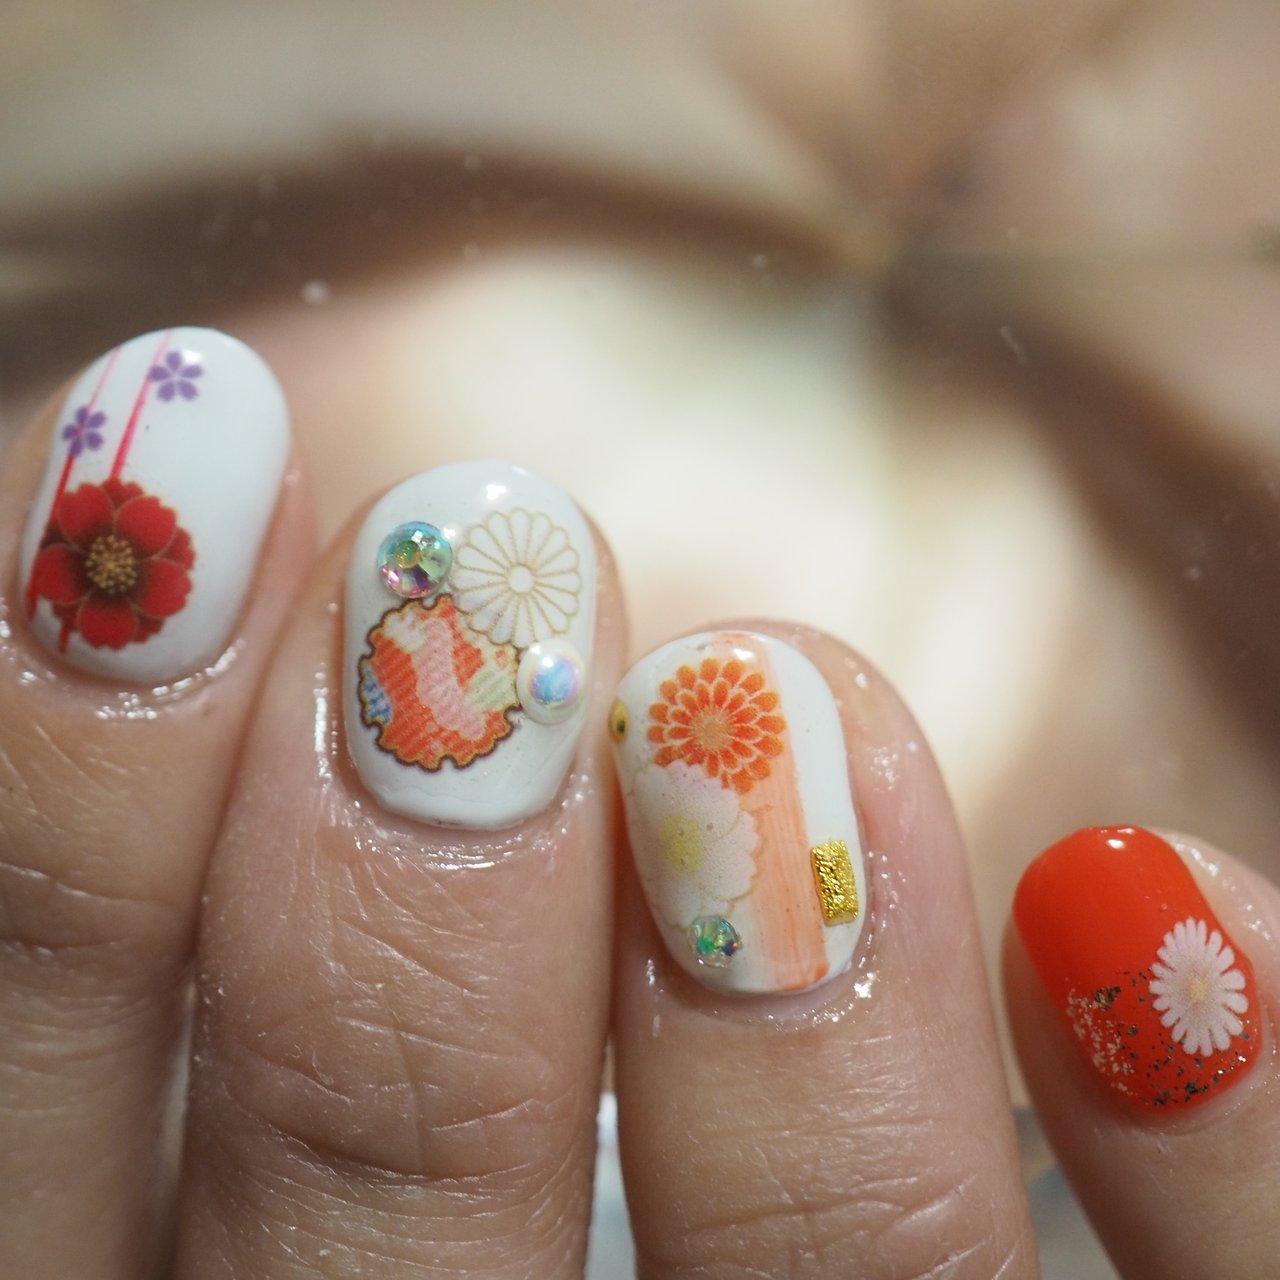 #ハンド #和 #ホワイト #オレンジ #ジェル #お客様 #そらみ #ネイルブック